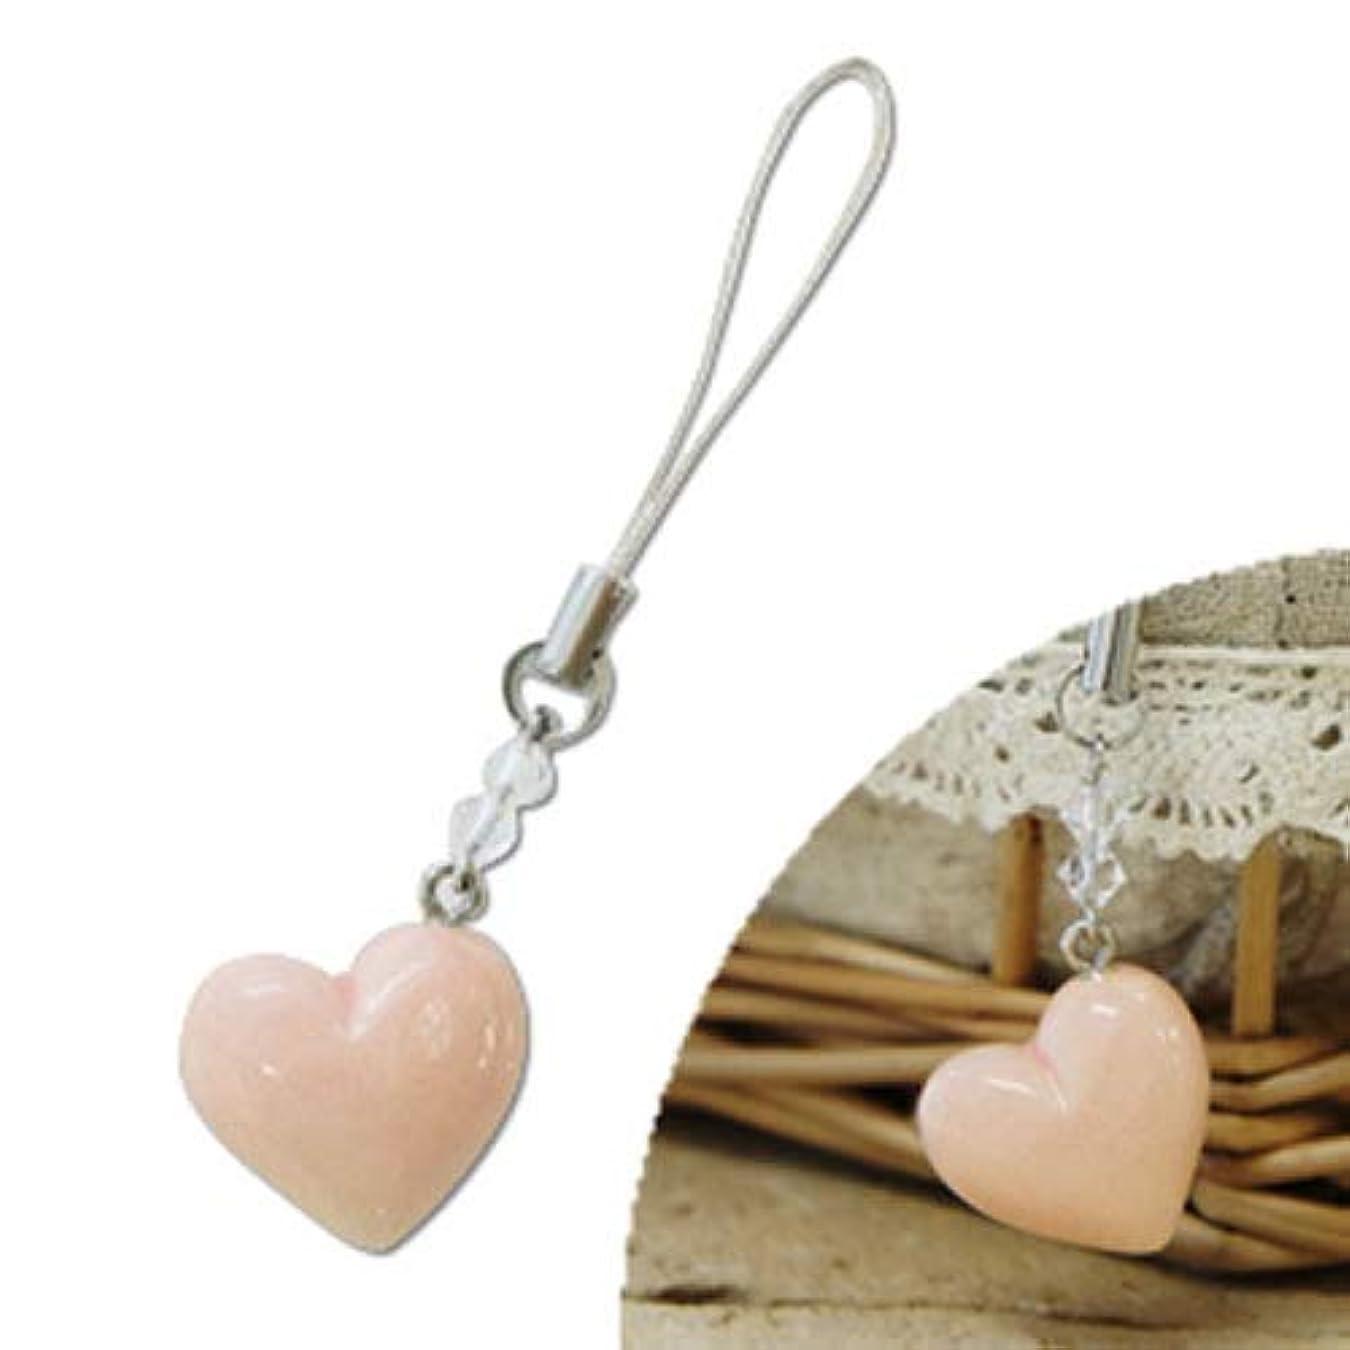 ネーピア聖域不一致京焼アロマストラップ PINK HEART(ピンクハート)